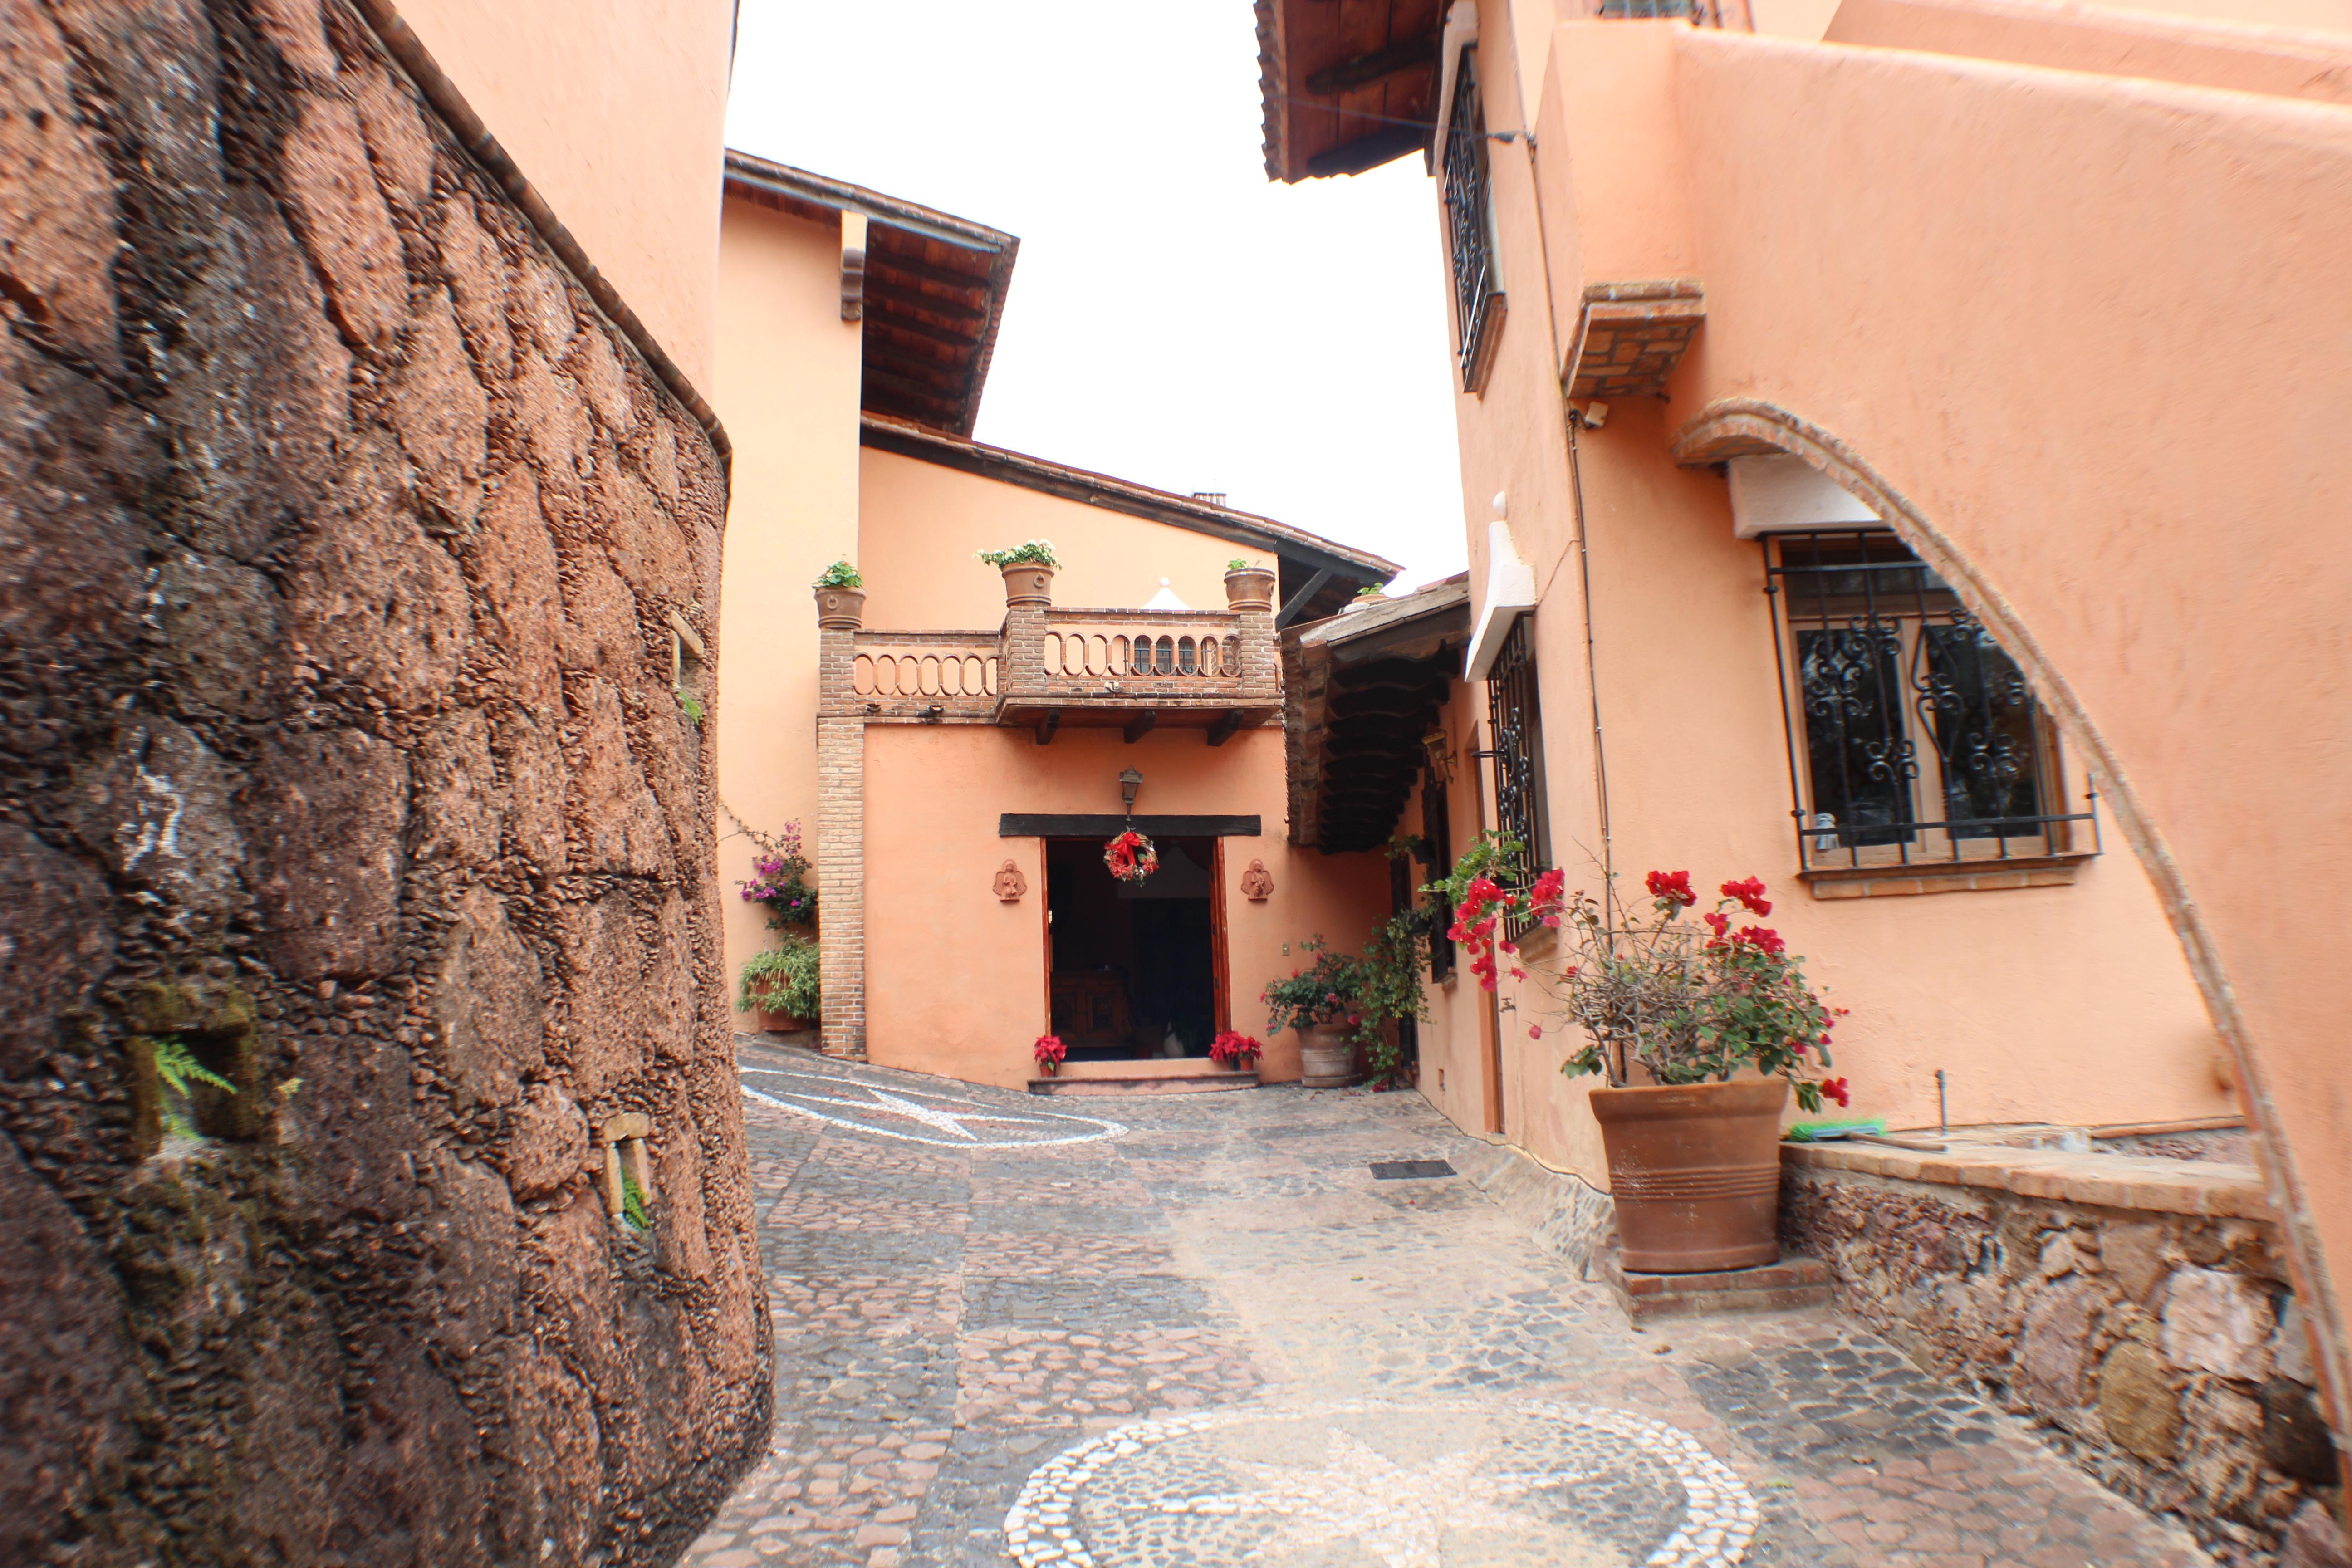 Hotel Sana Elena (40)